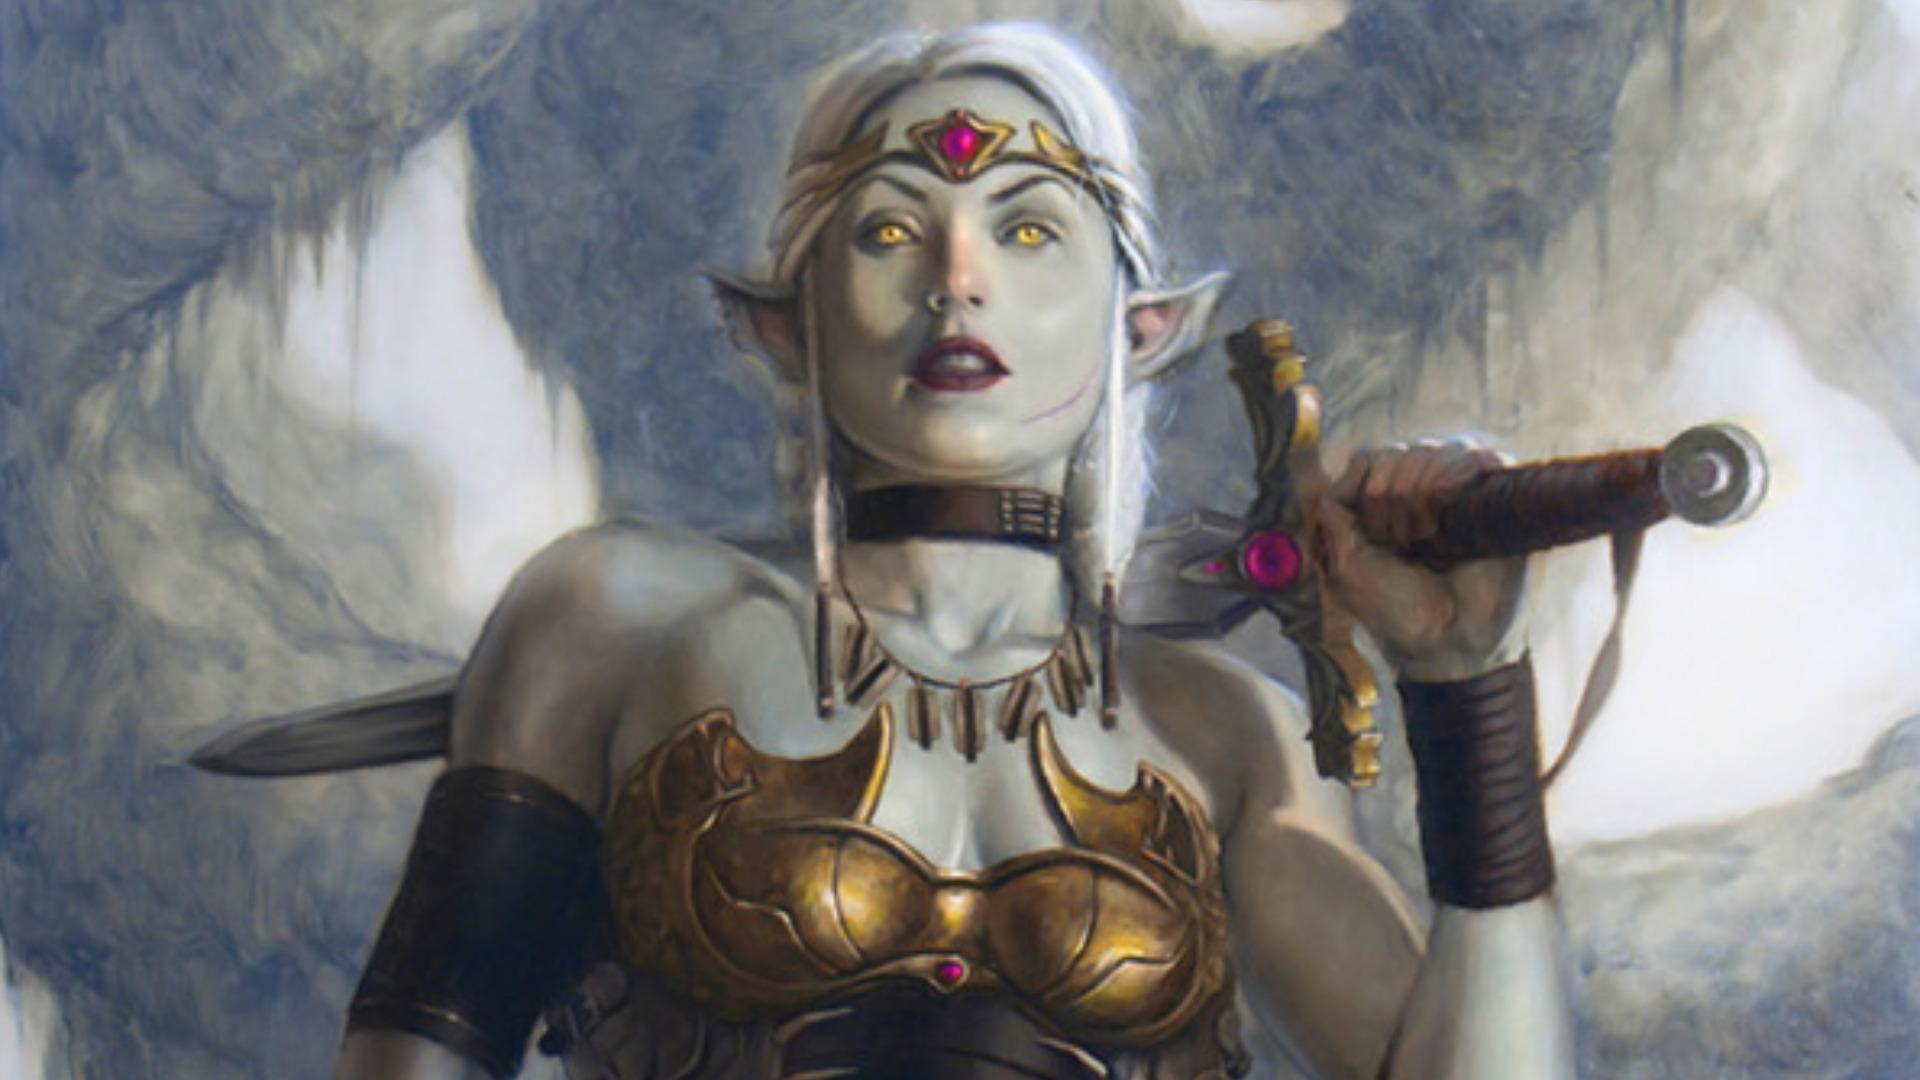 women warrior computer wallpapers desktop backgrounds